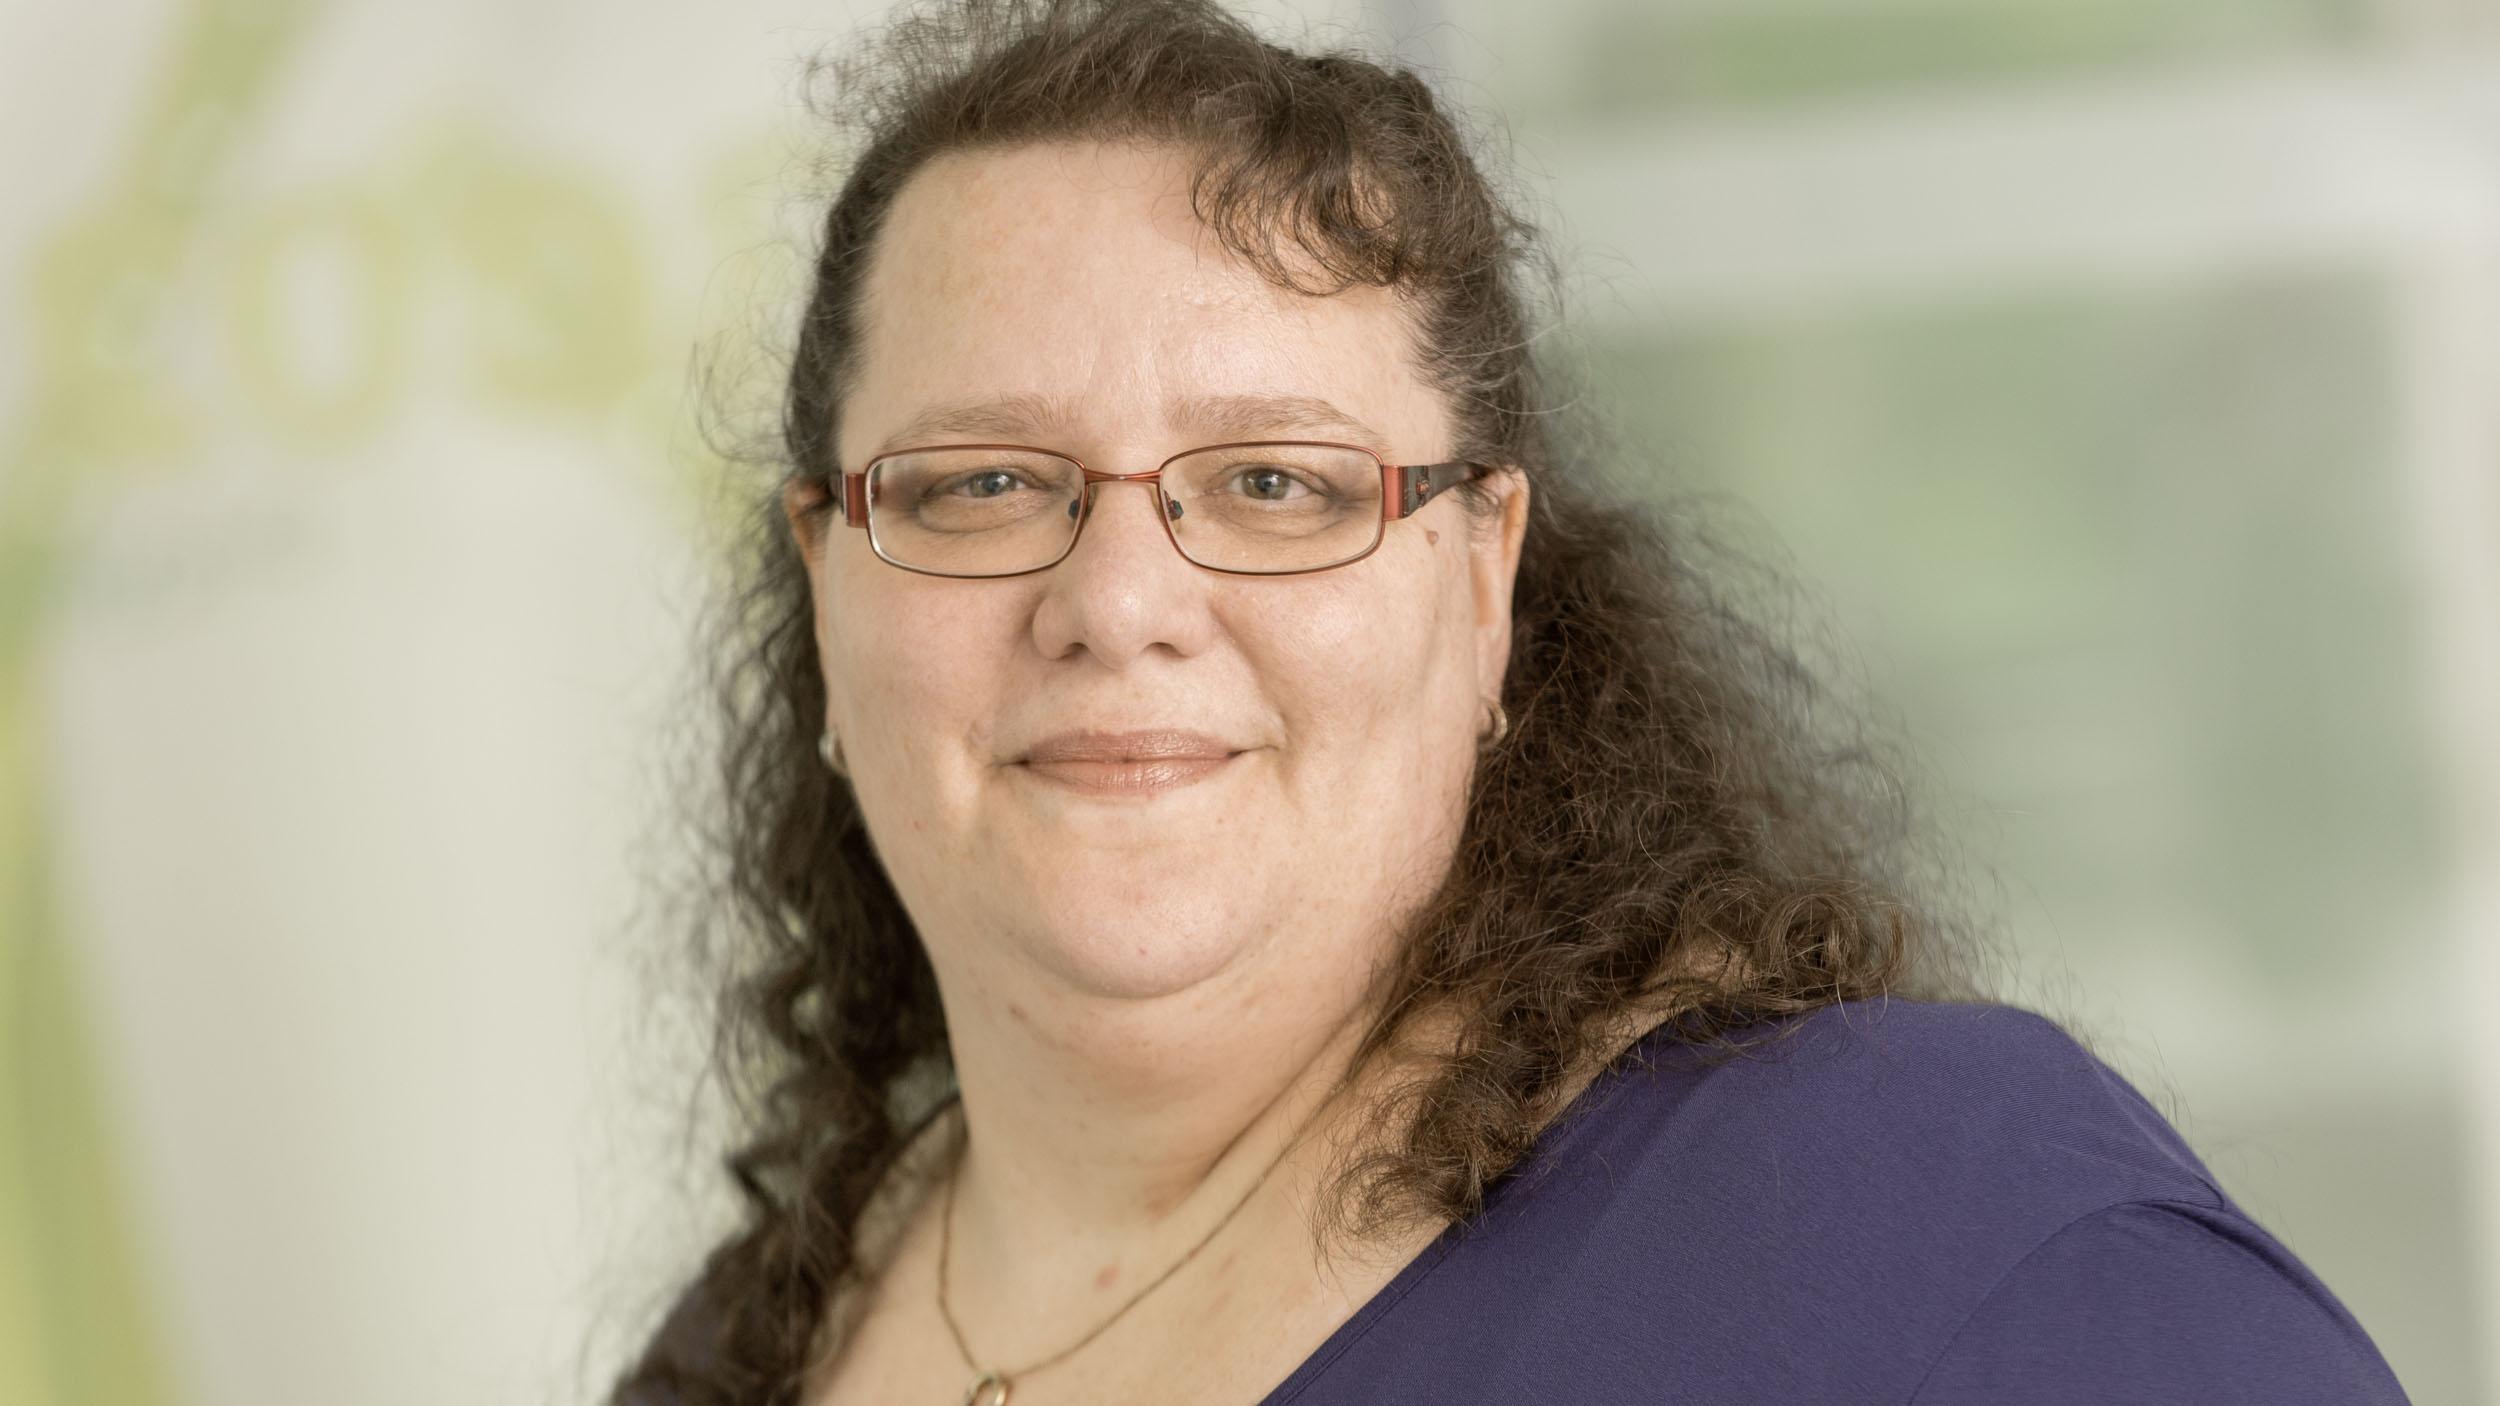 Karin Bärschneider